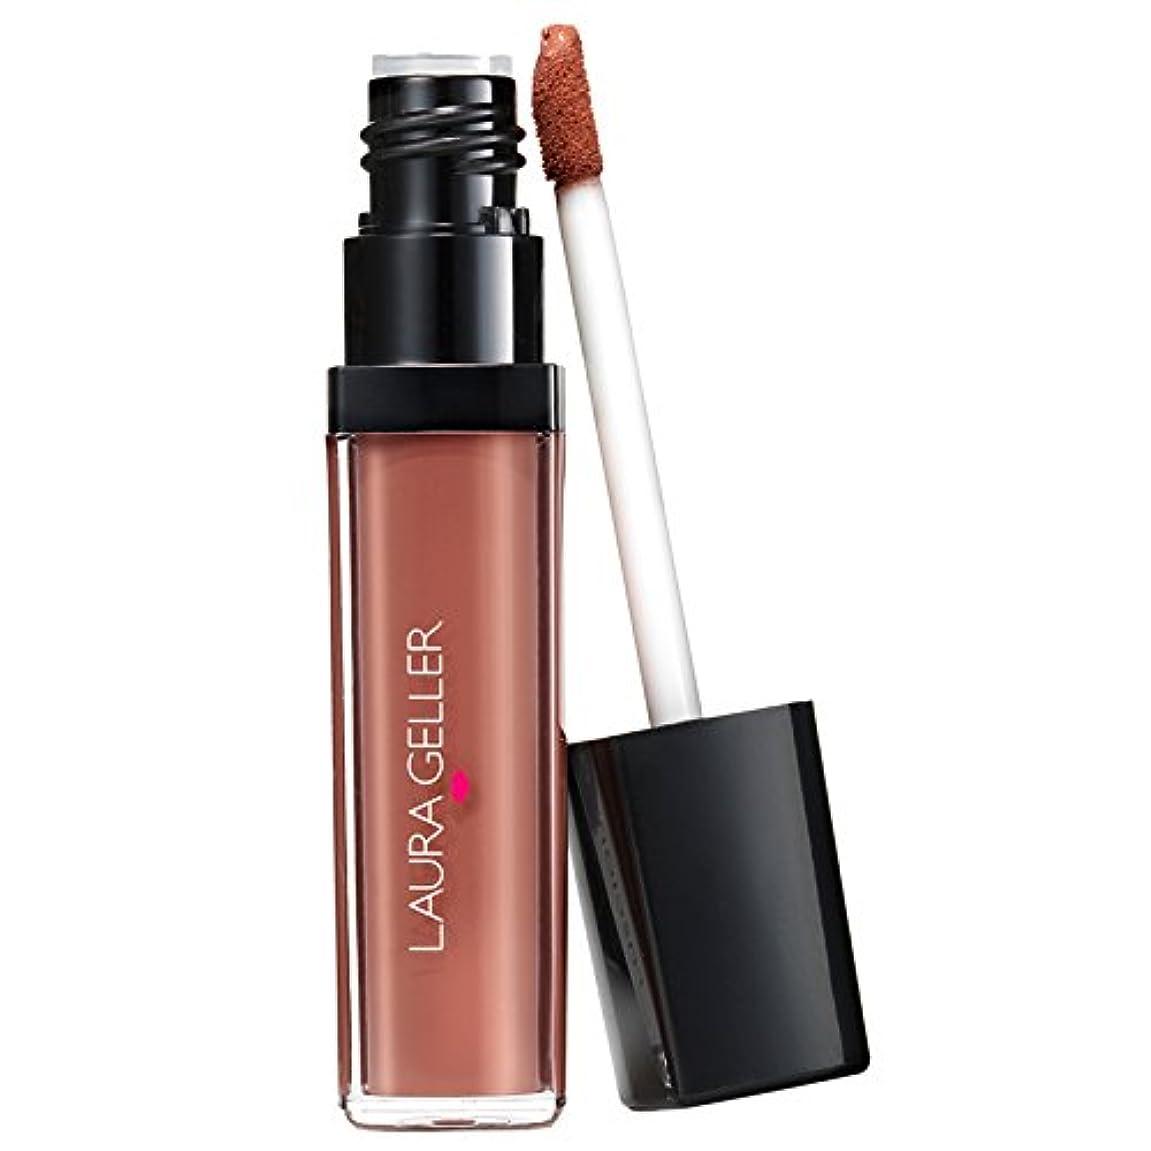 徹底的に必要条件前件ローラ?ゲラー Luscious Lips Liquid Lipstick - # Cherry Almond 6ml/0.2oz並行輸入品